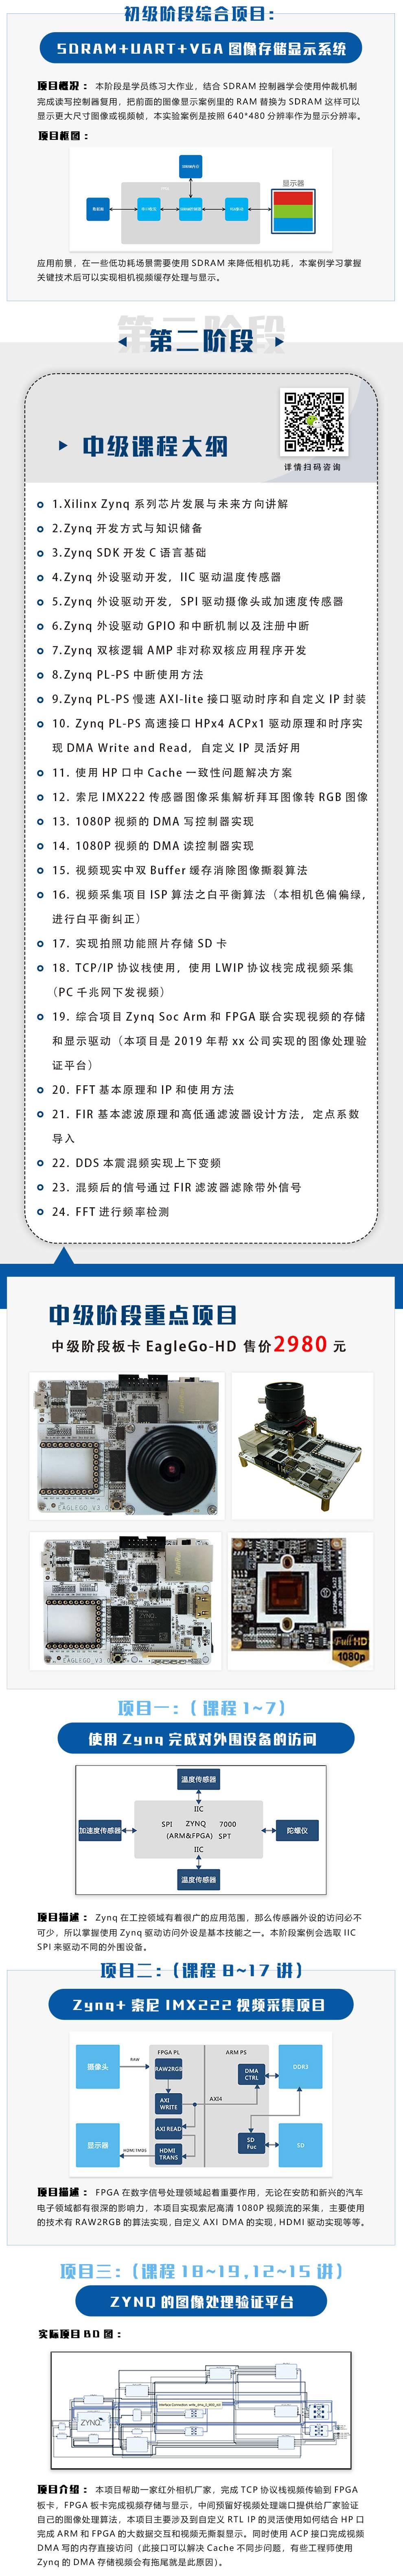 file_1562386180889.jpg